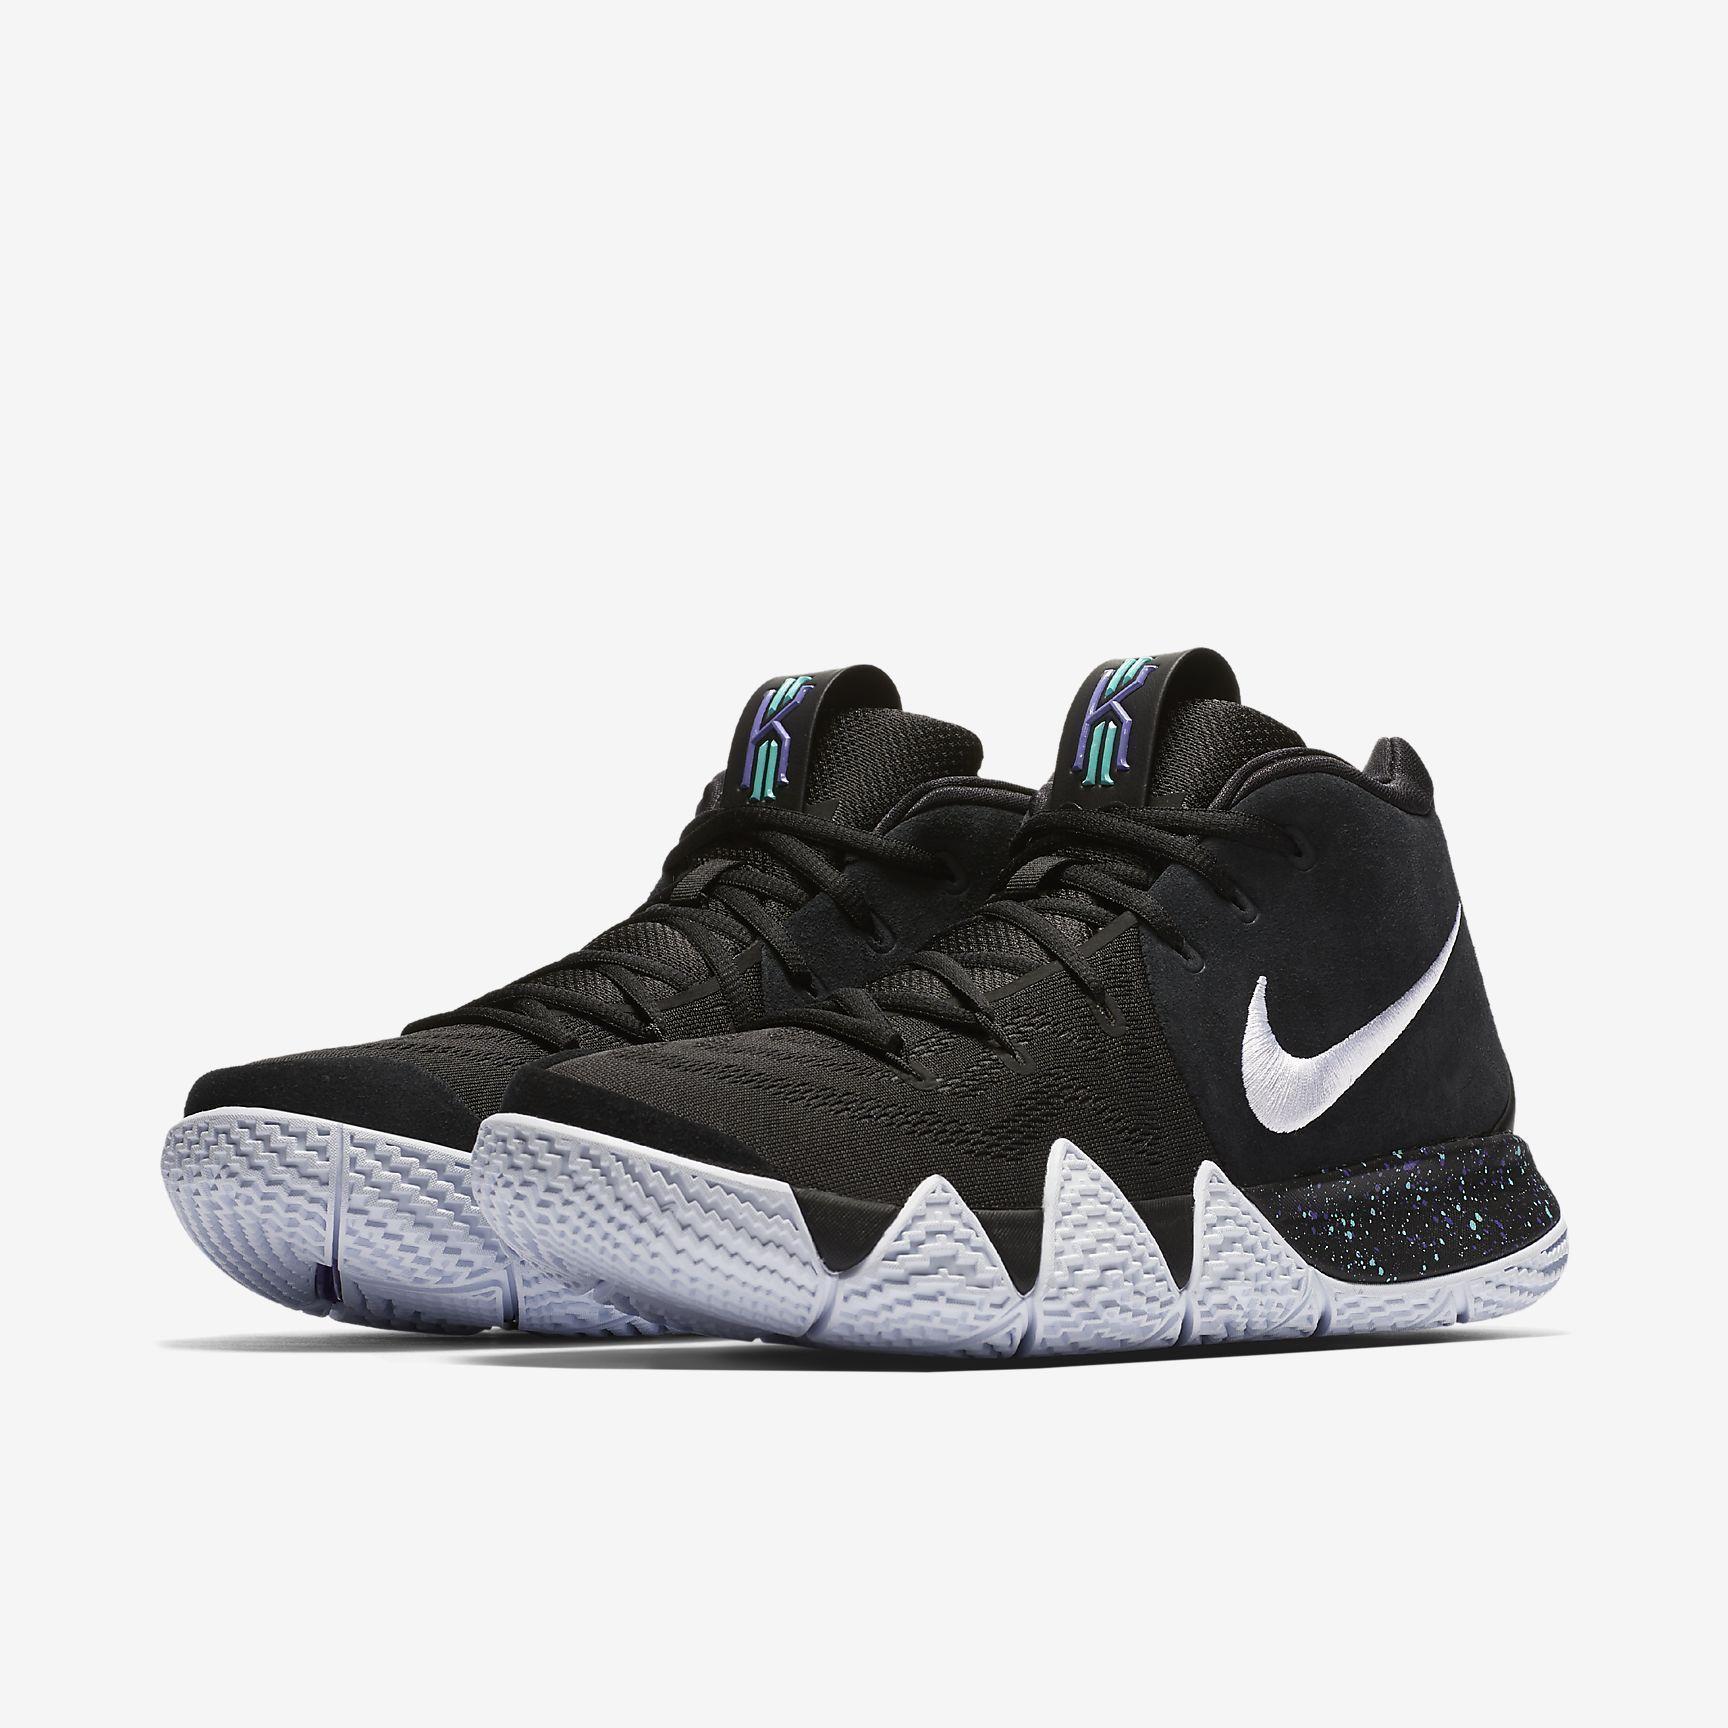 wholesale dealer d6c22 e3723 Kyrie 4 Basketball Shoe nikemenrunningshoes BasketballGamesOnline  BasketballOnline